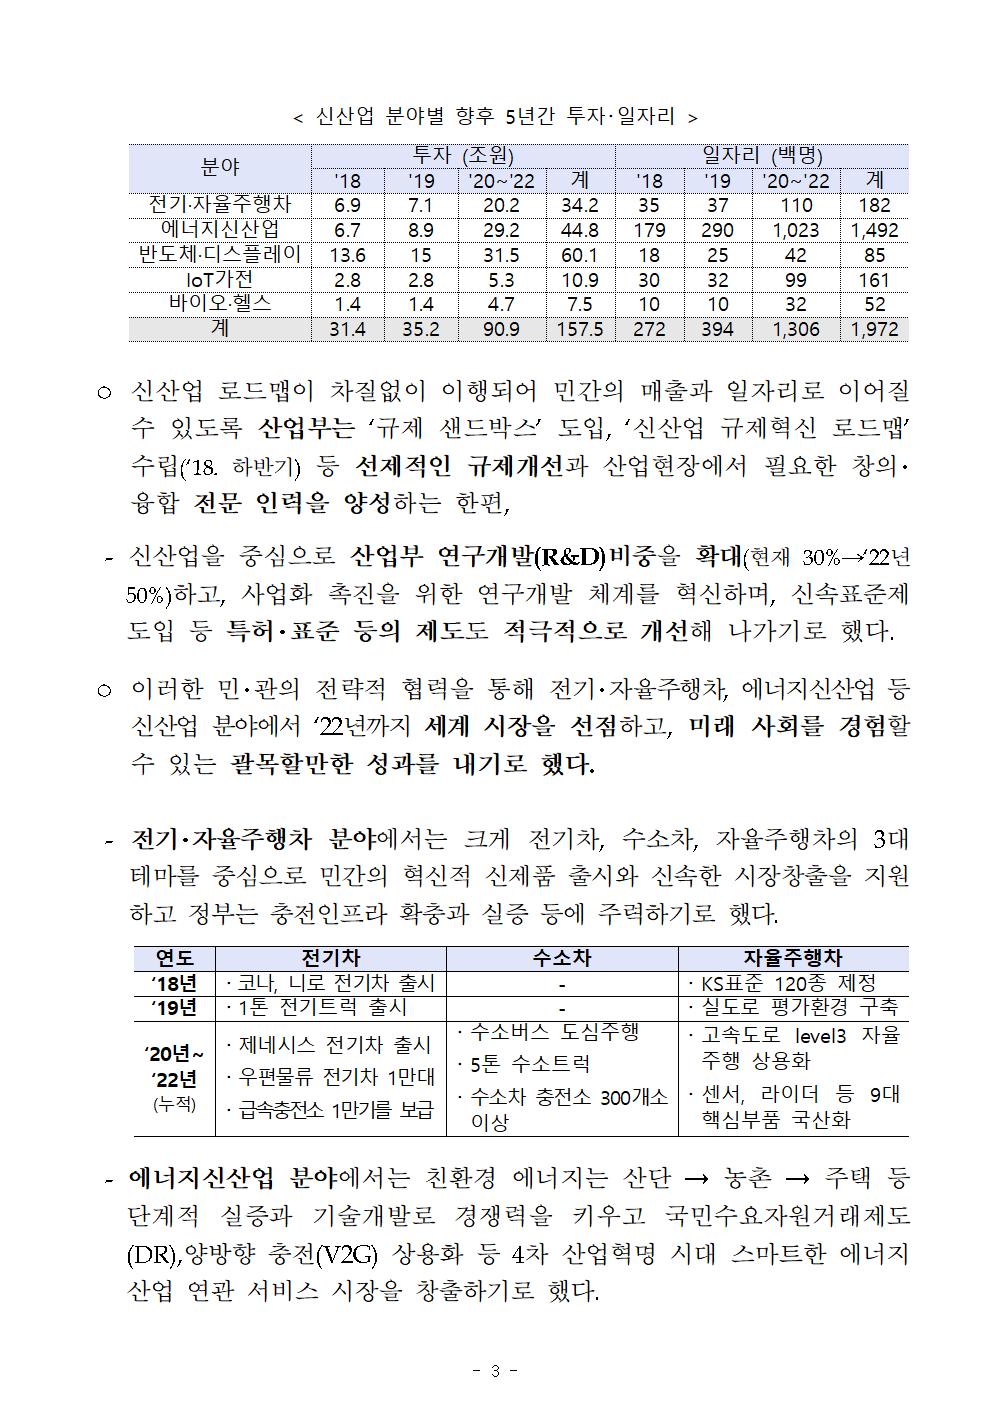 0510 (11일석간) 산업정책과, 산업혁신 2020 플랫폼003.png